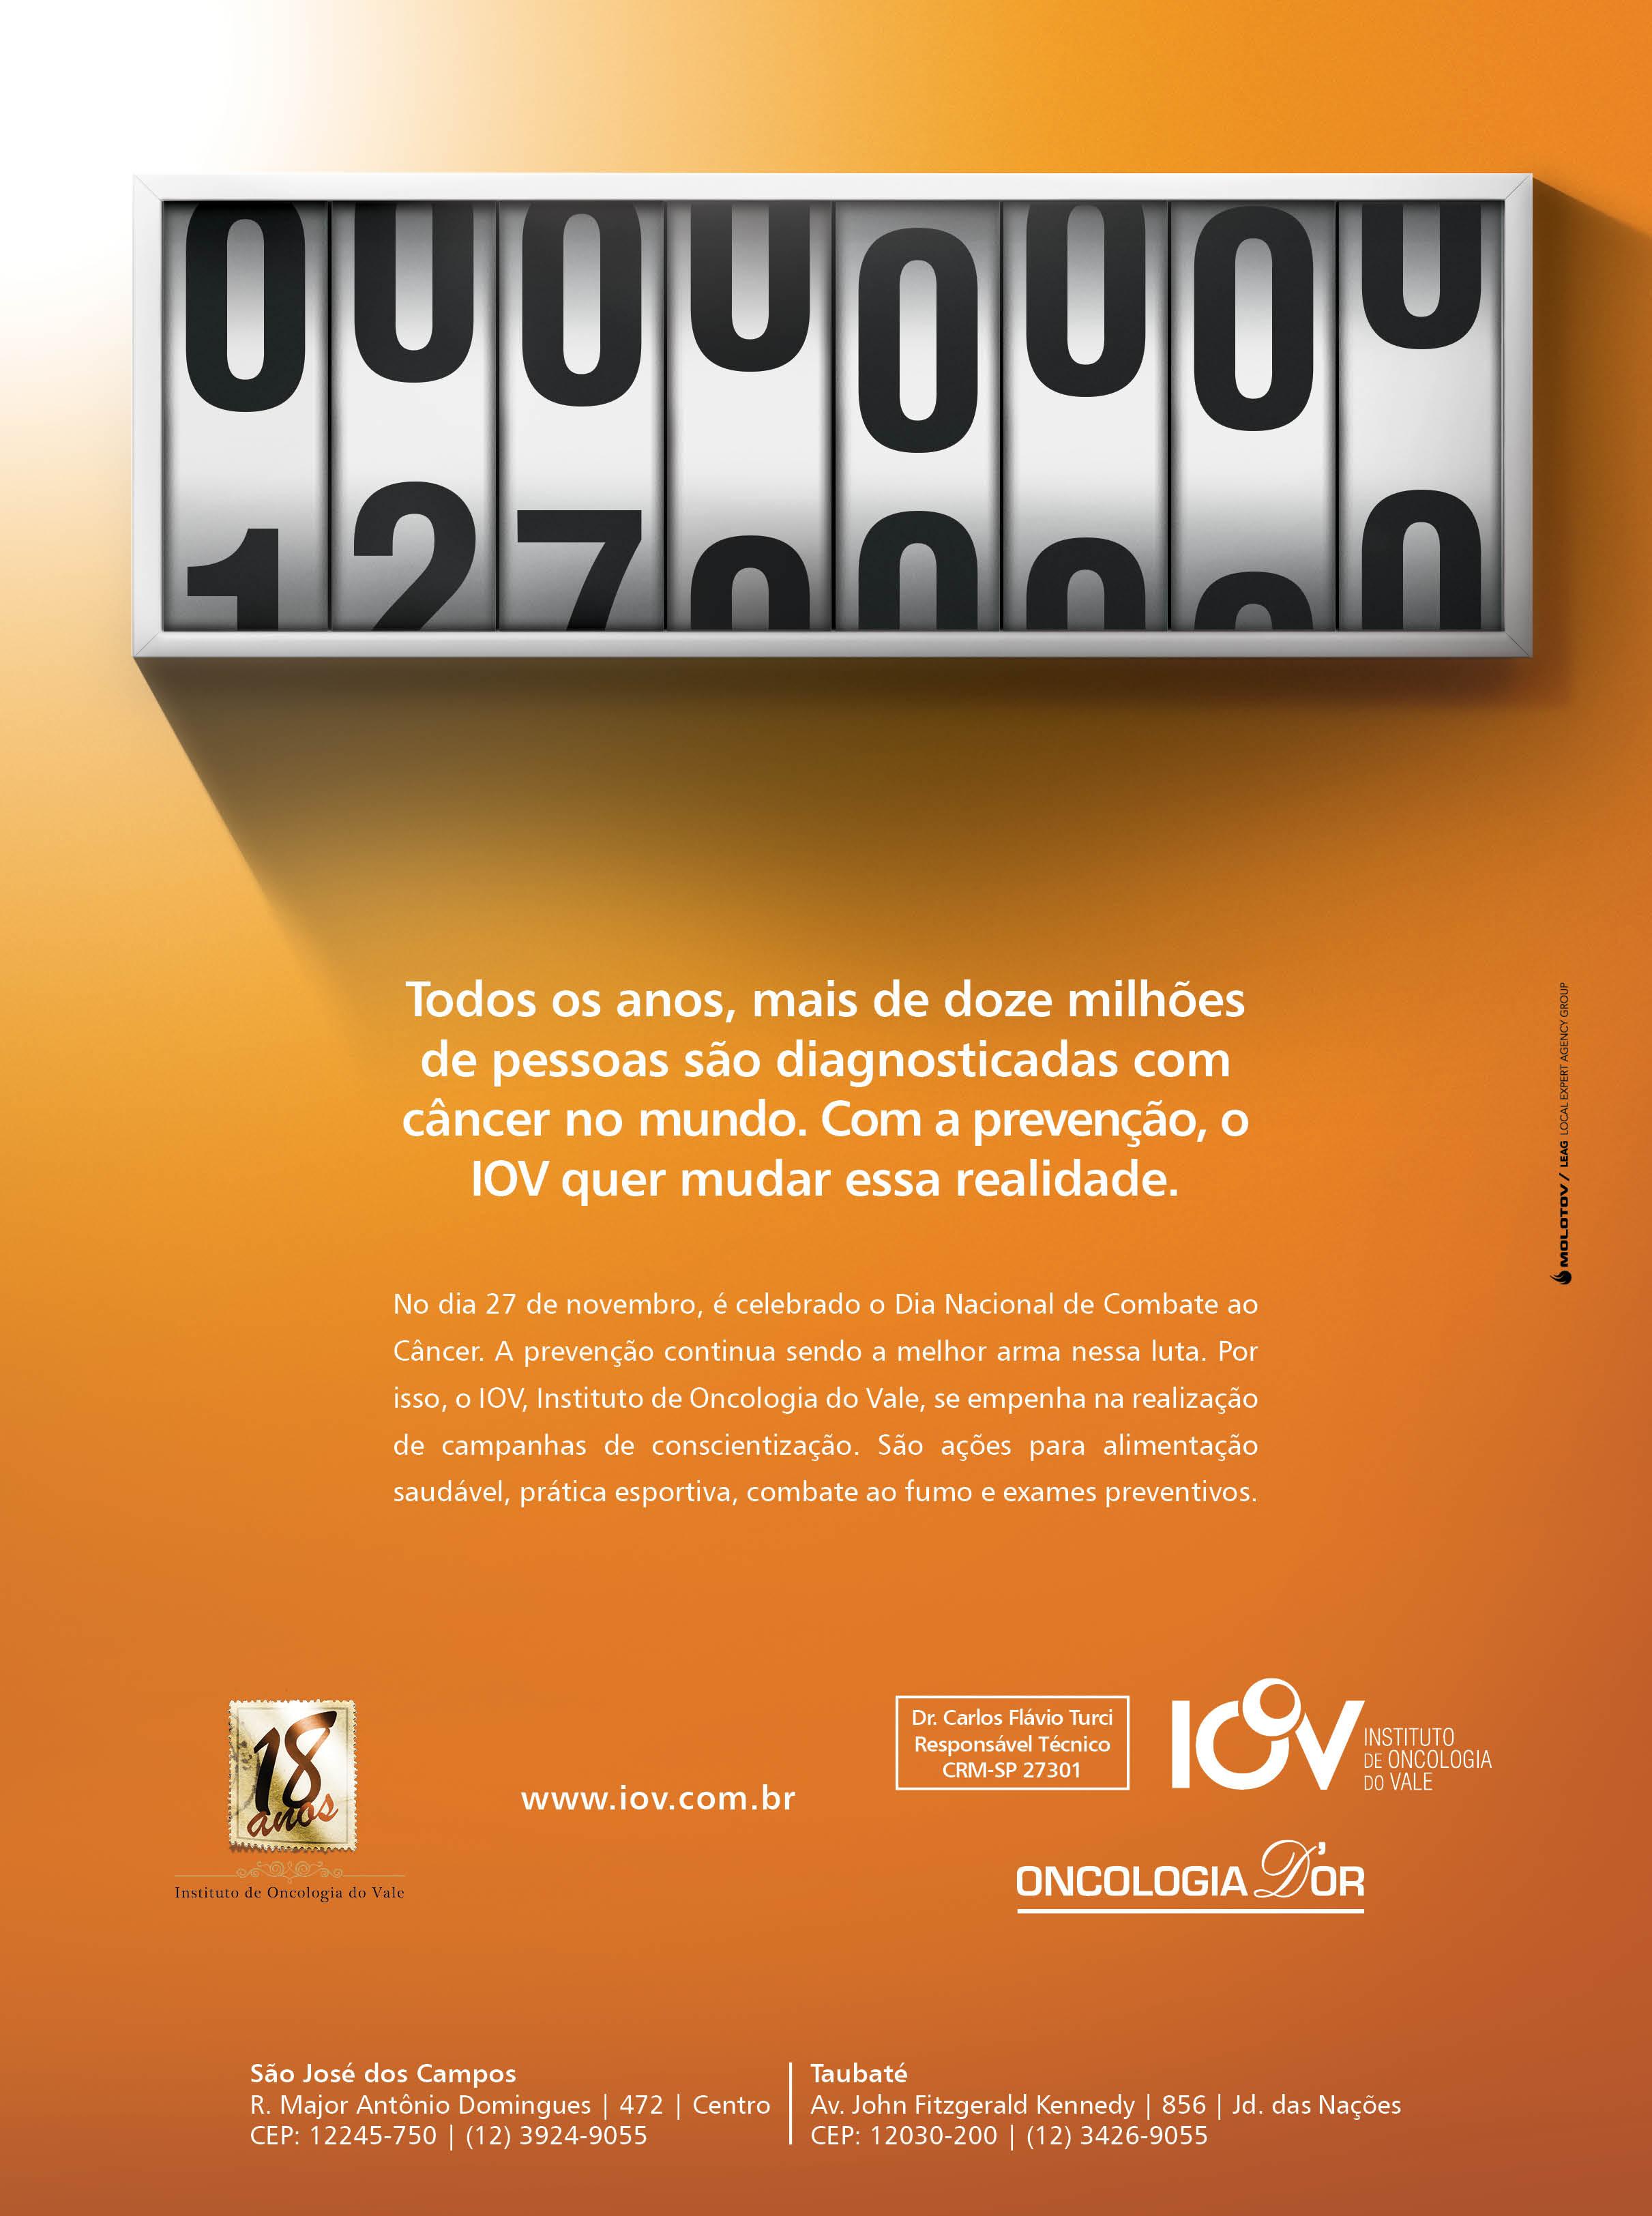 2013_10_22_institucional_IOV_PERSONI_V2